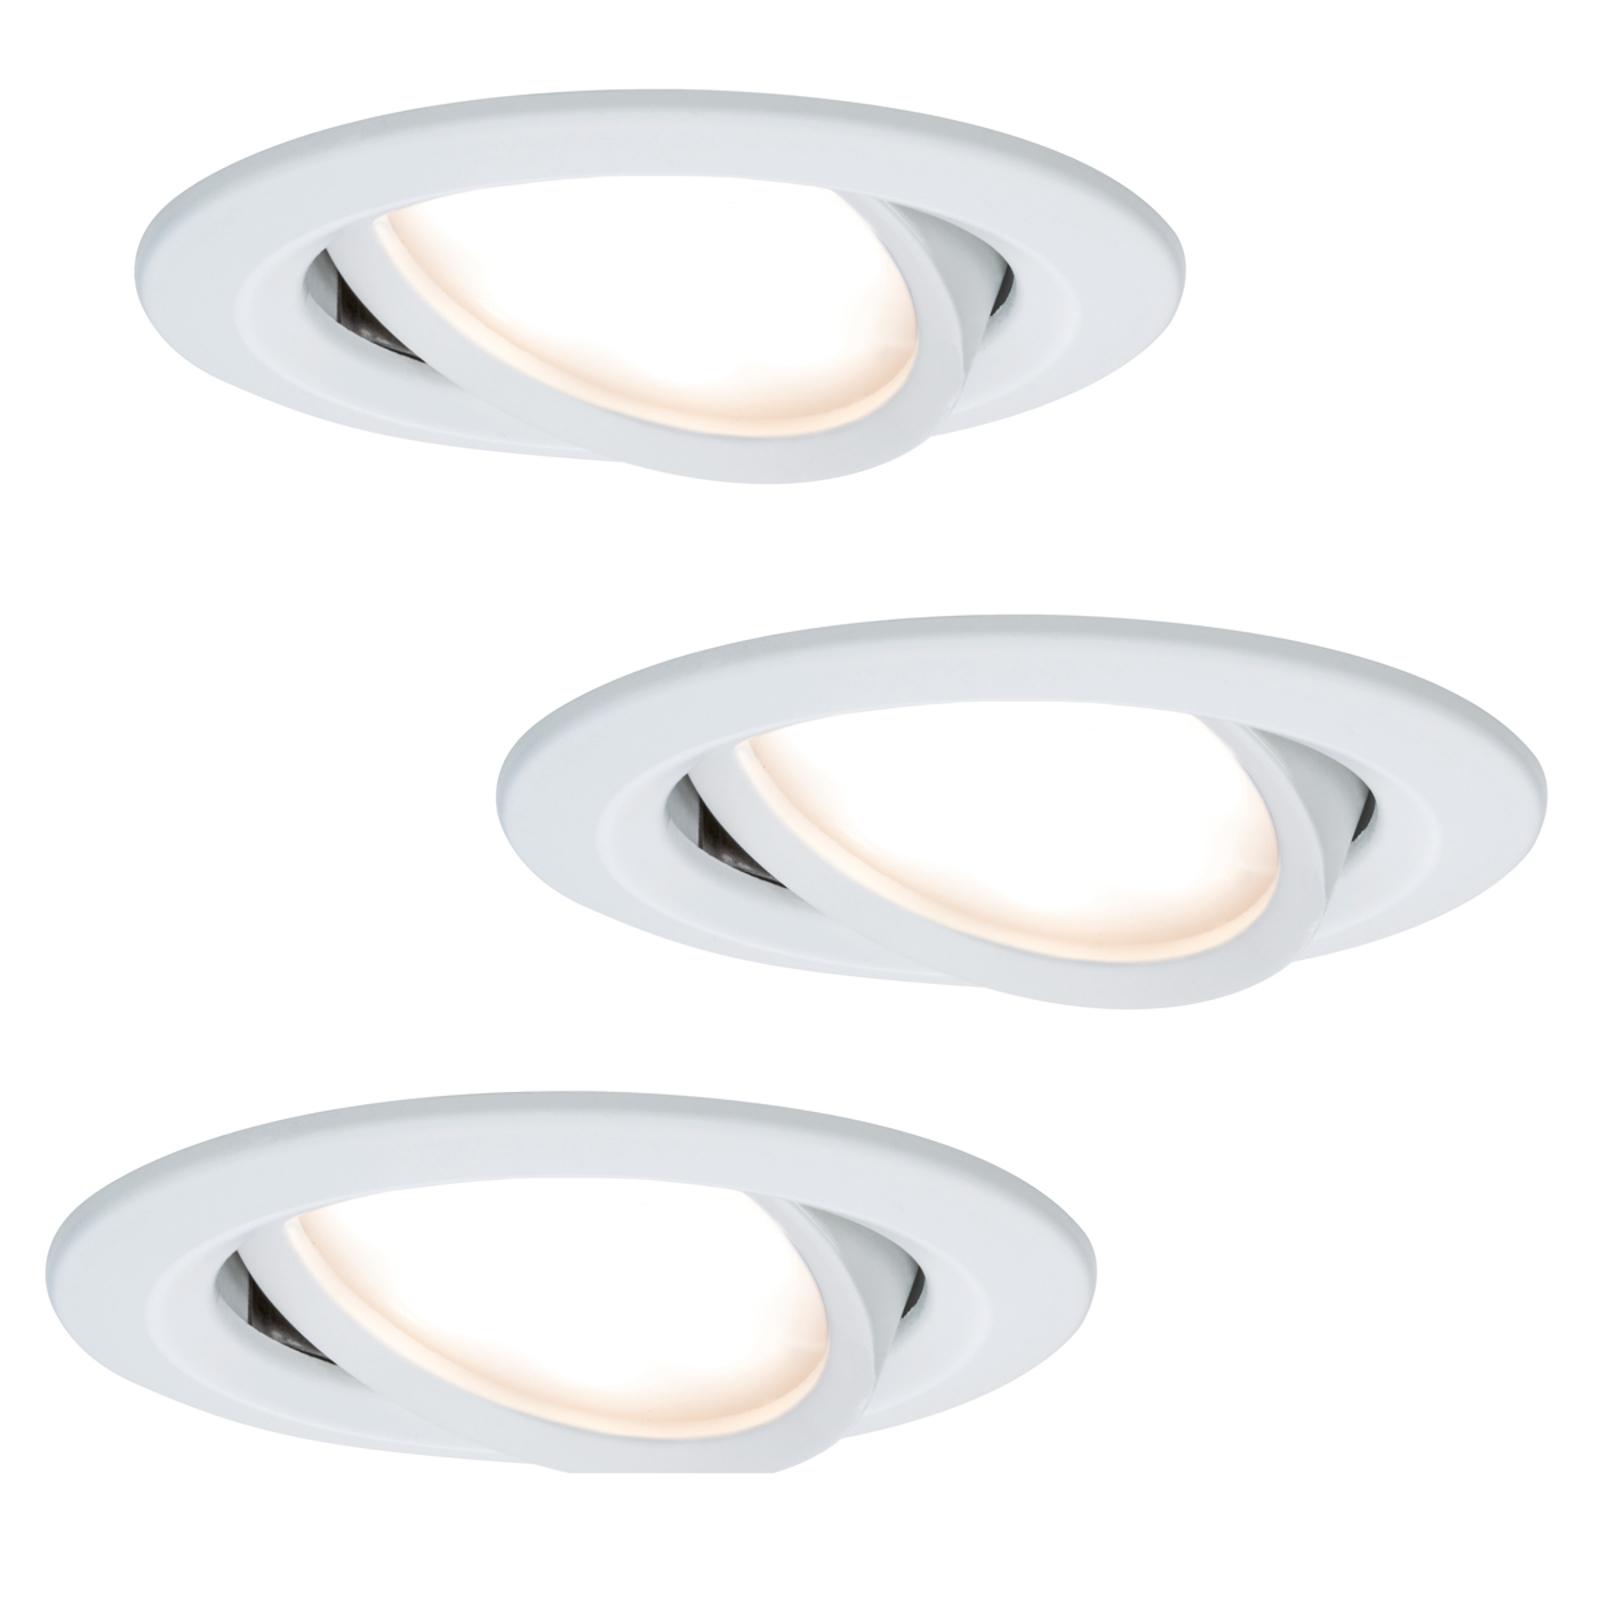 Paulmann Coin Slim LED-Einbauleuchte IP23 weiß 3er